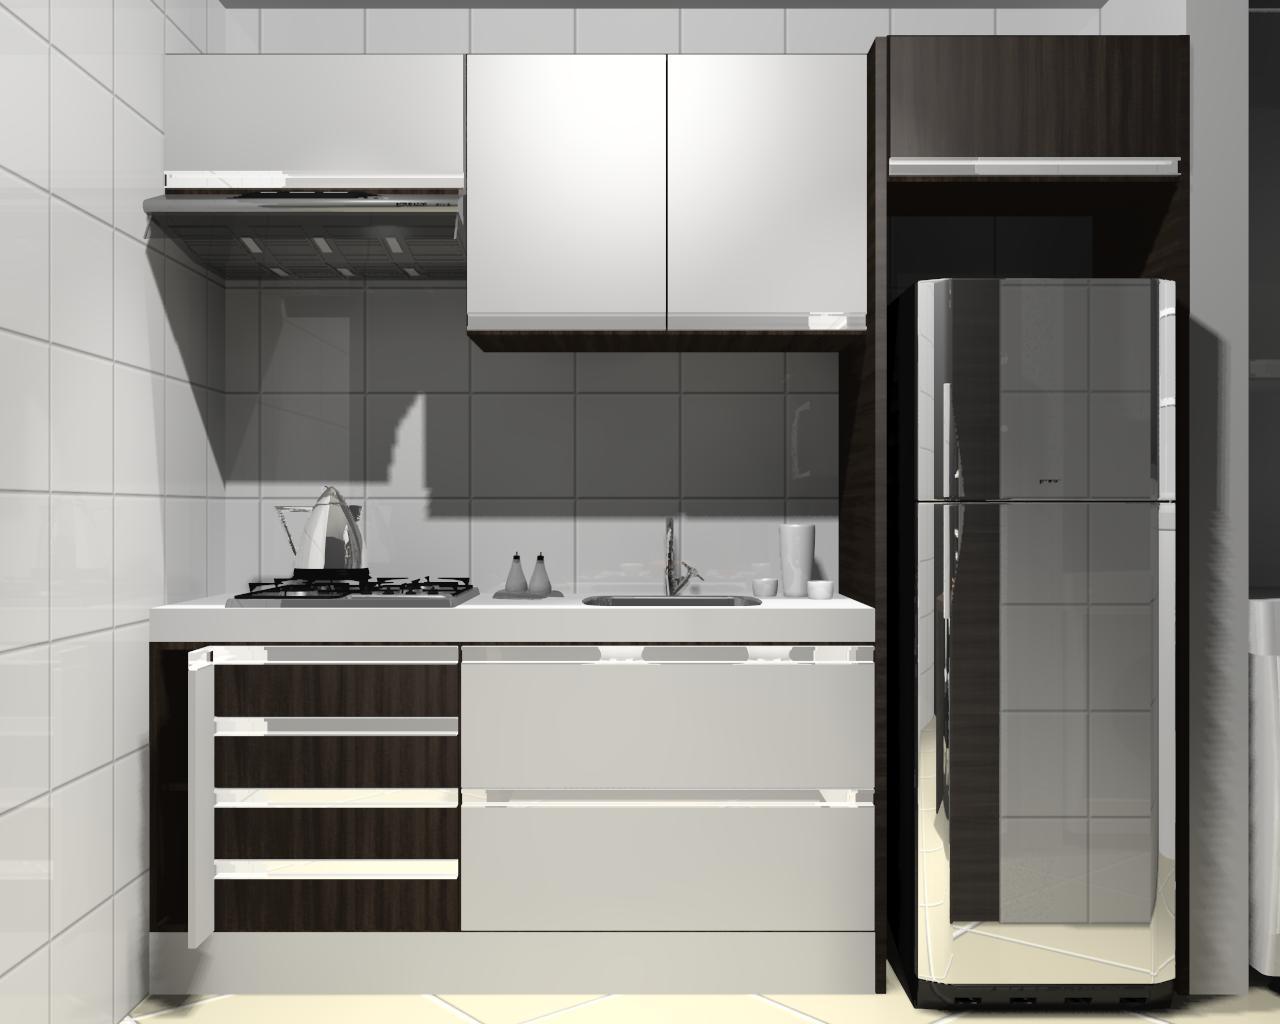 Cozinha Pequena Cliente #2F2C28 1280 1024